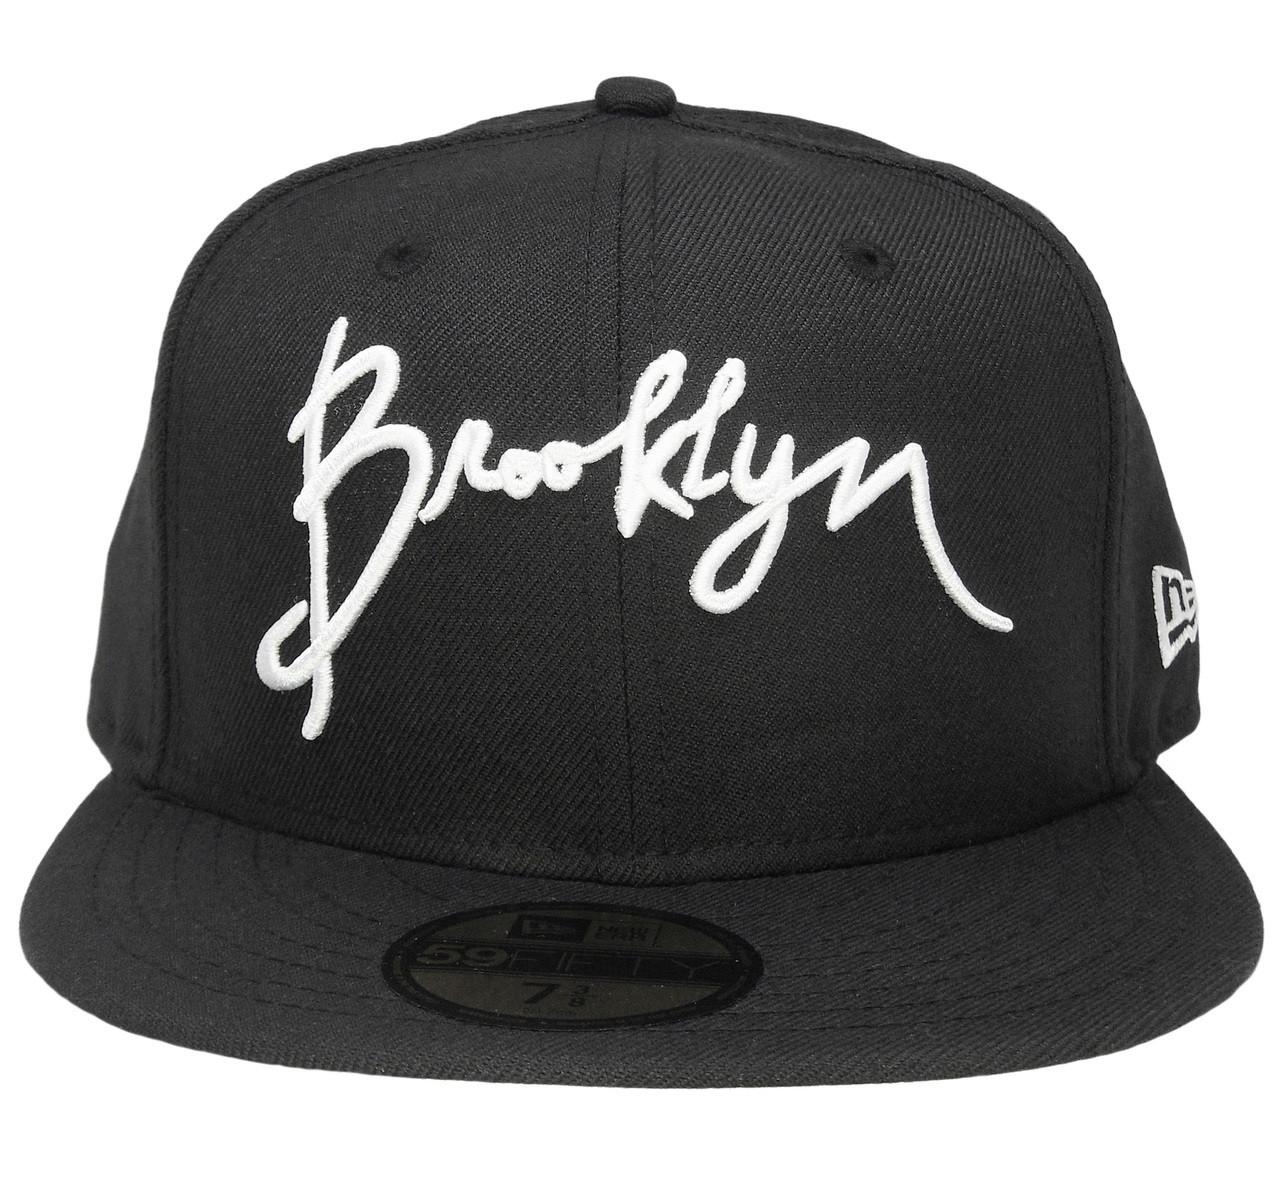 e28bb2113fd30 Script Brooklyn New Era 59Fifty Basic Fitted Hat - Black